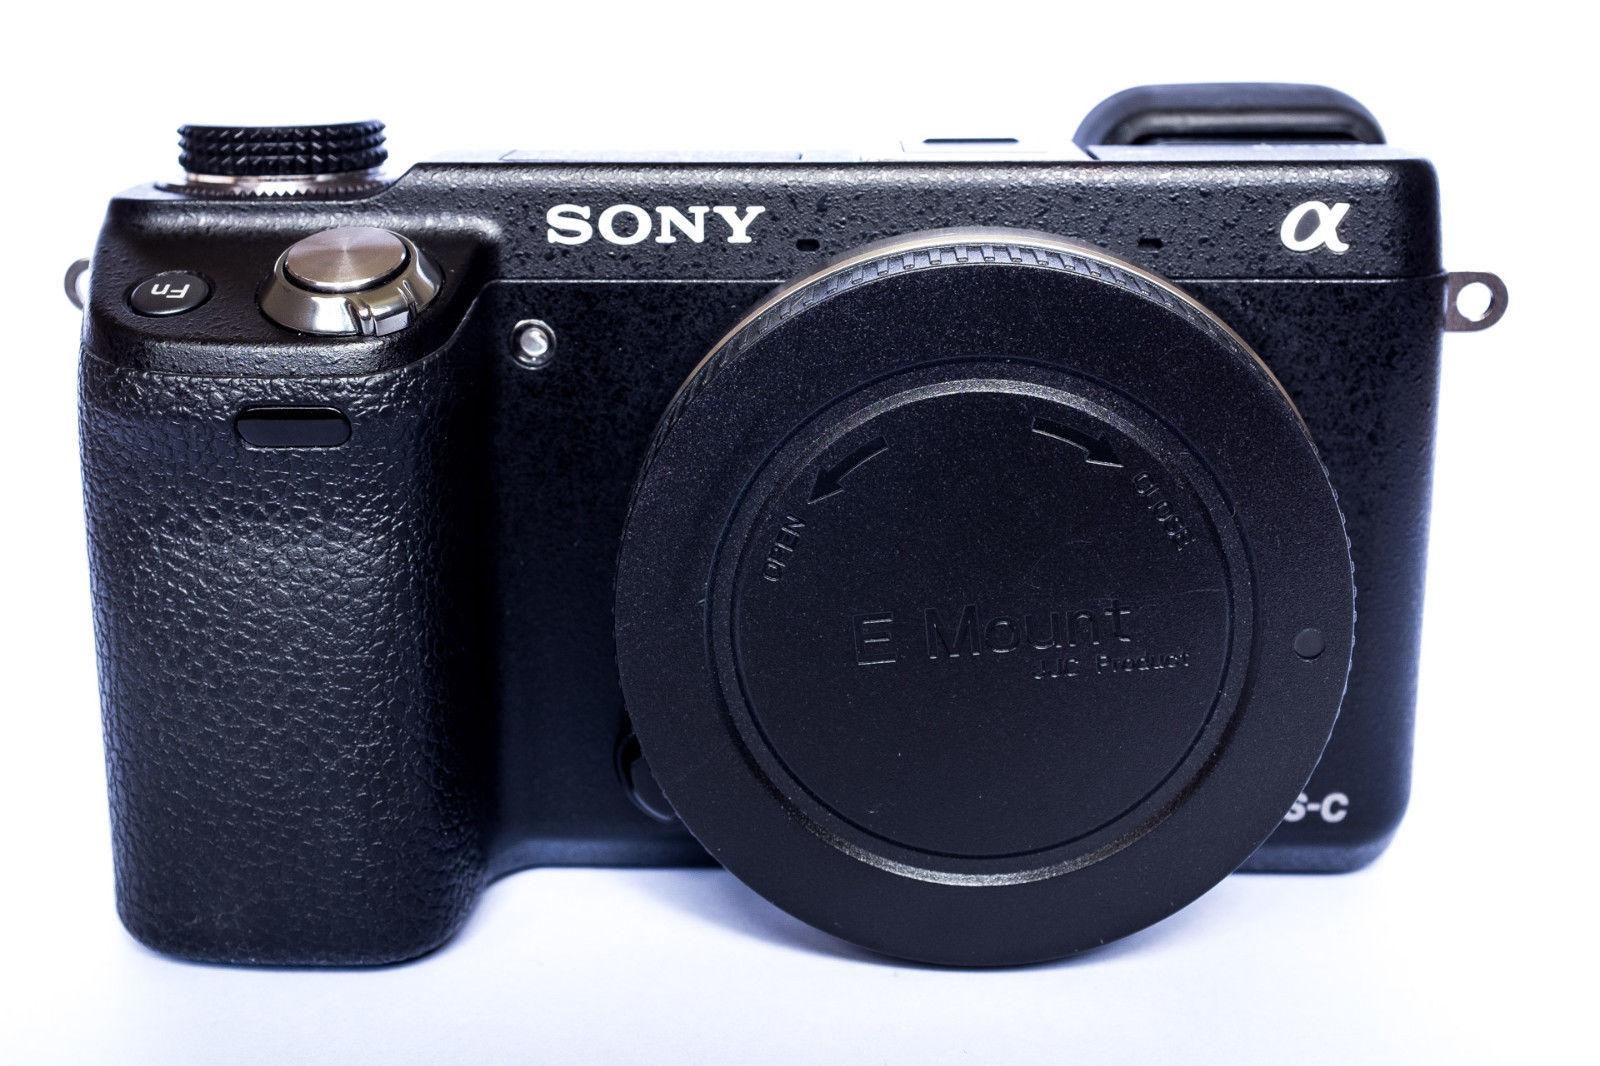 Sony Alpha NEX-6 16.1 MP Digitalkamera - Schwarz (Nur Gehäuse)